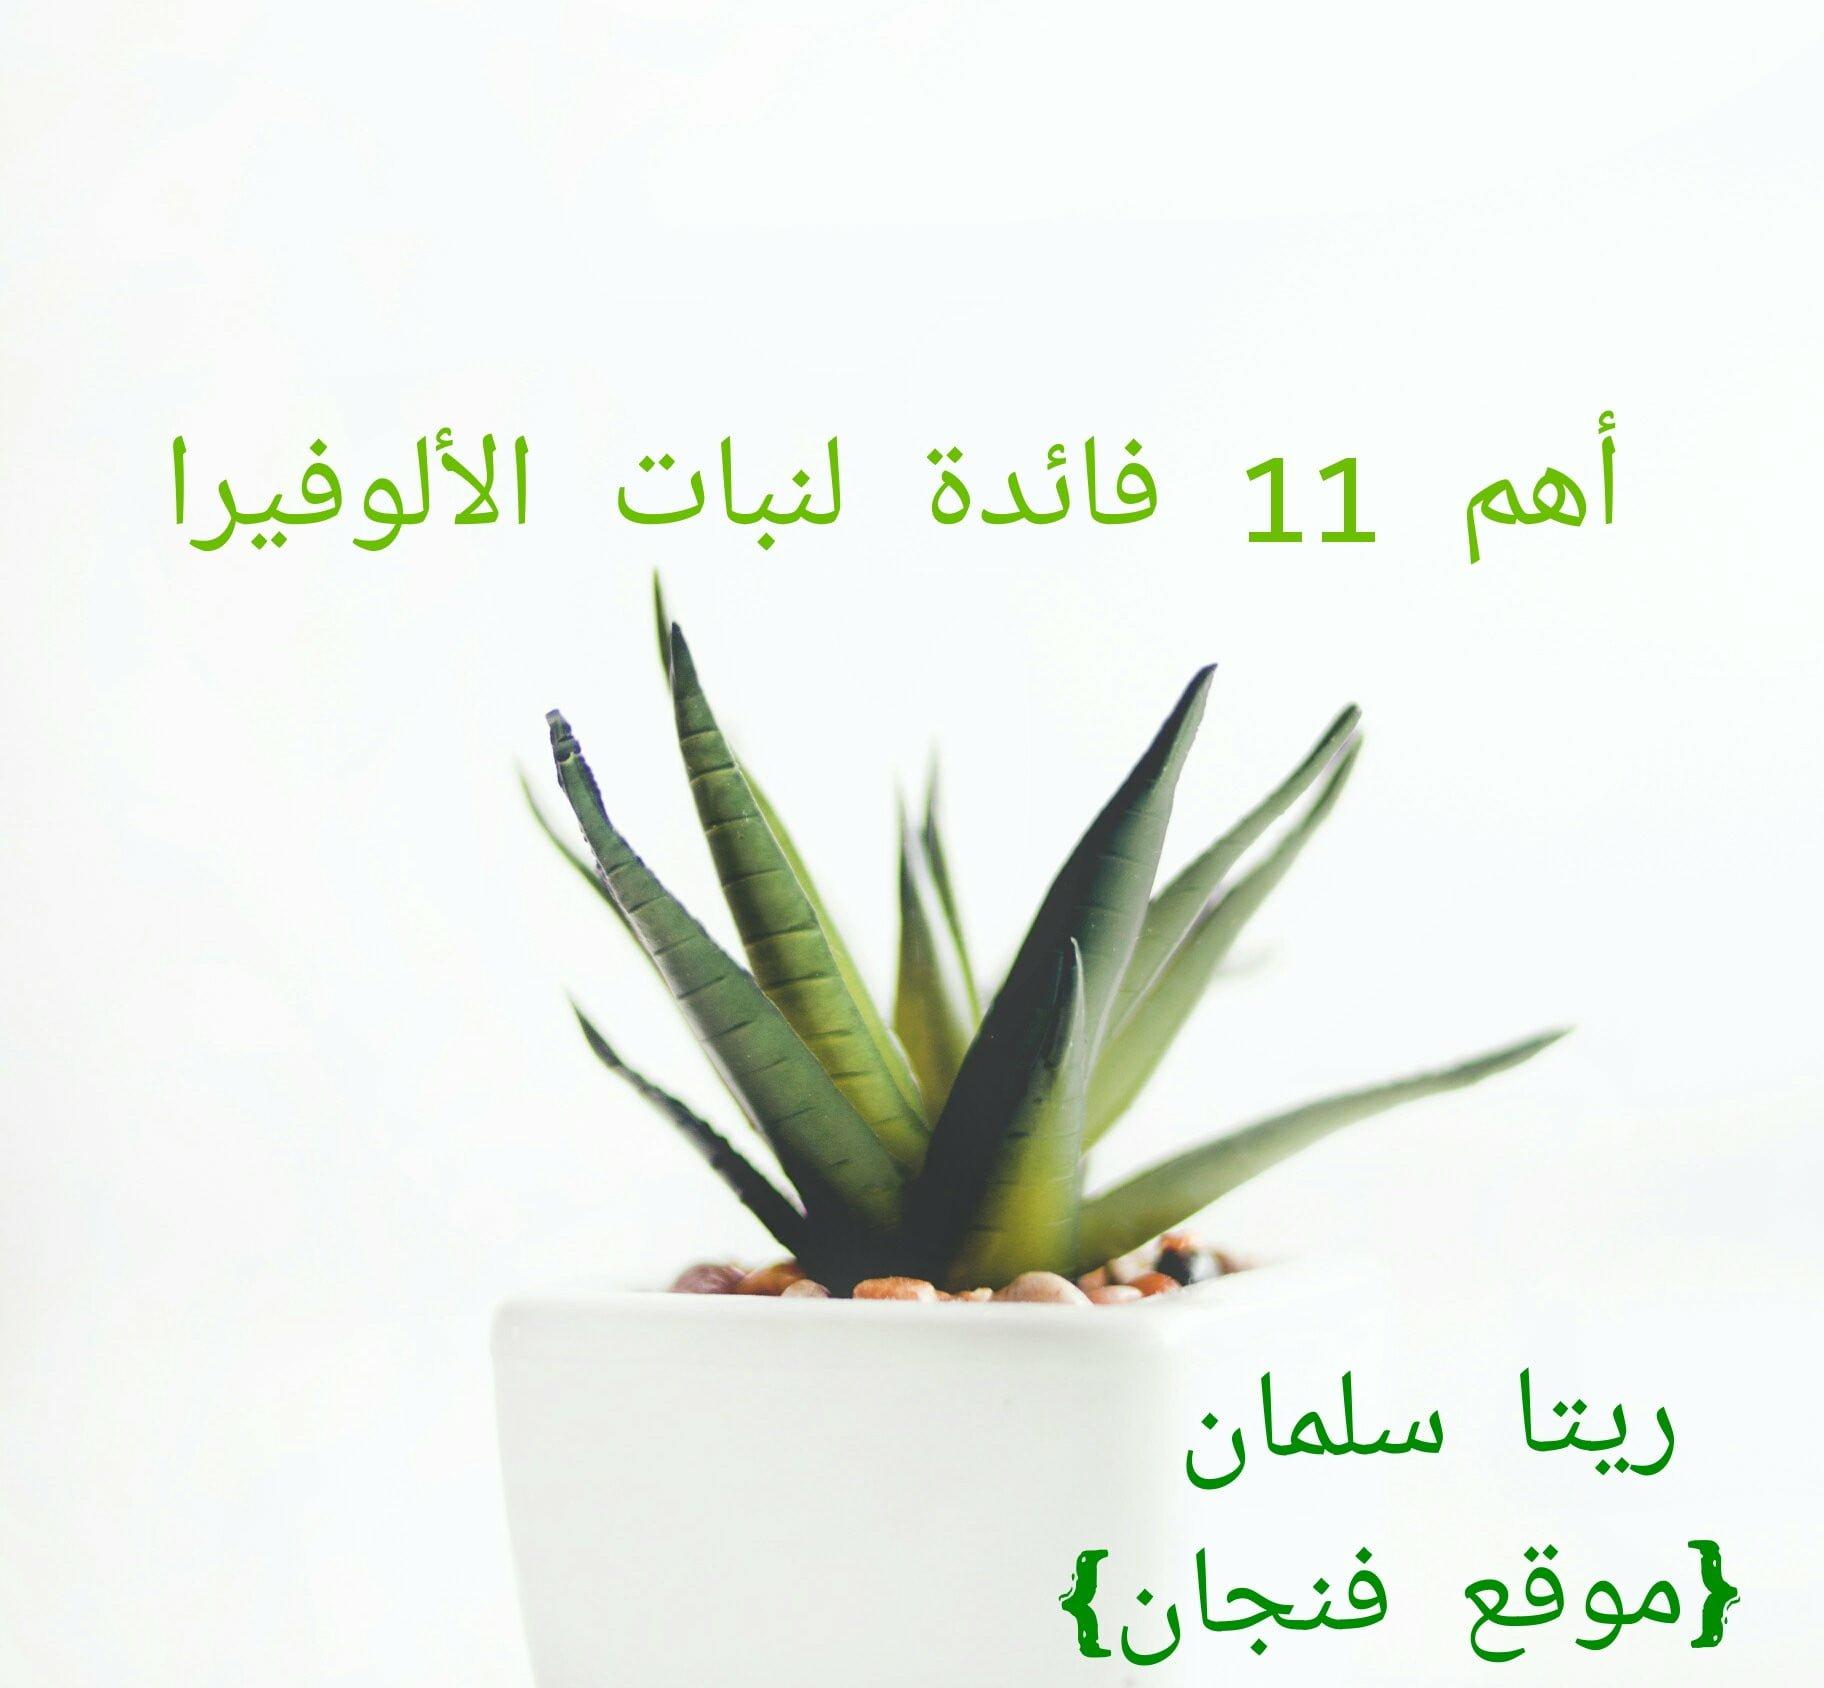 ١١ فائدة صحية وجمالية لنبات الألوفيرا